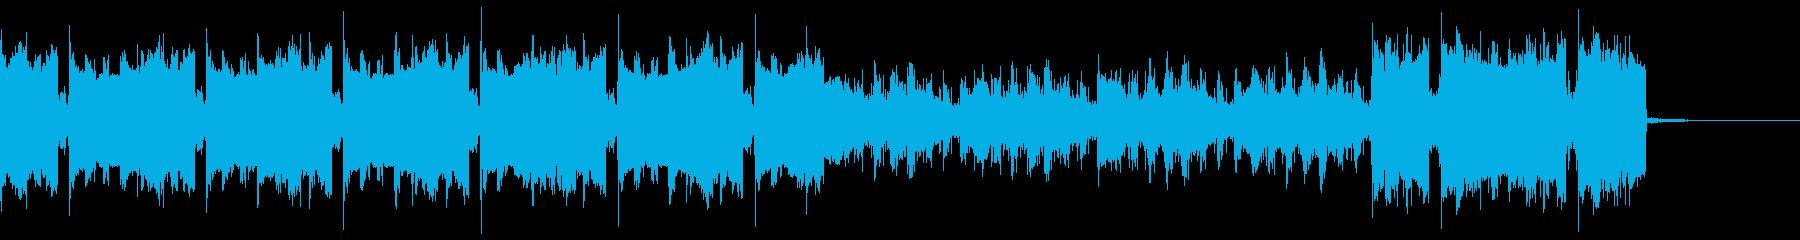 ヴォイス入り ノリがよくクールなビデオにの再生済みの波形